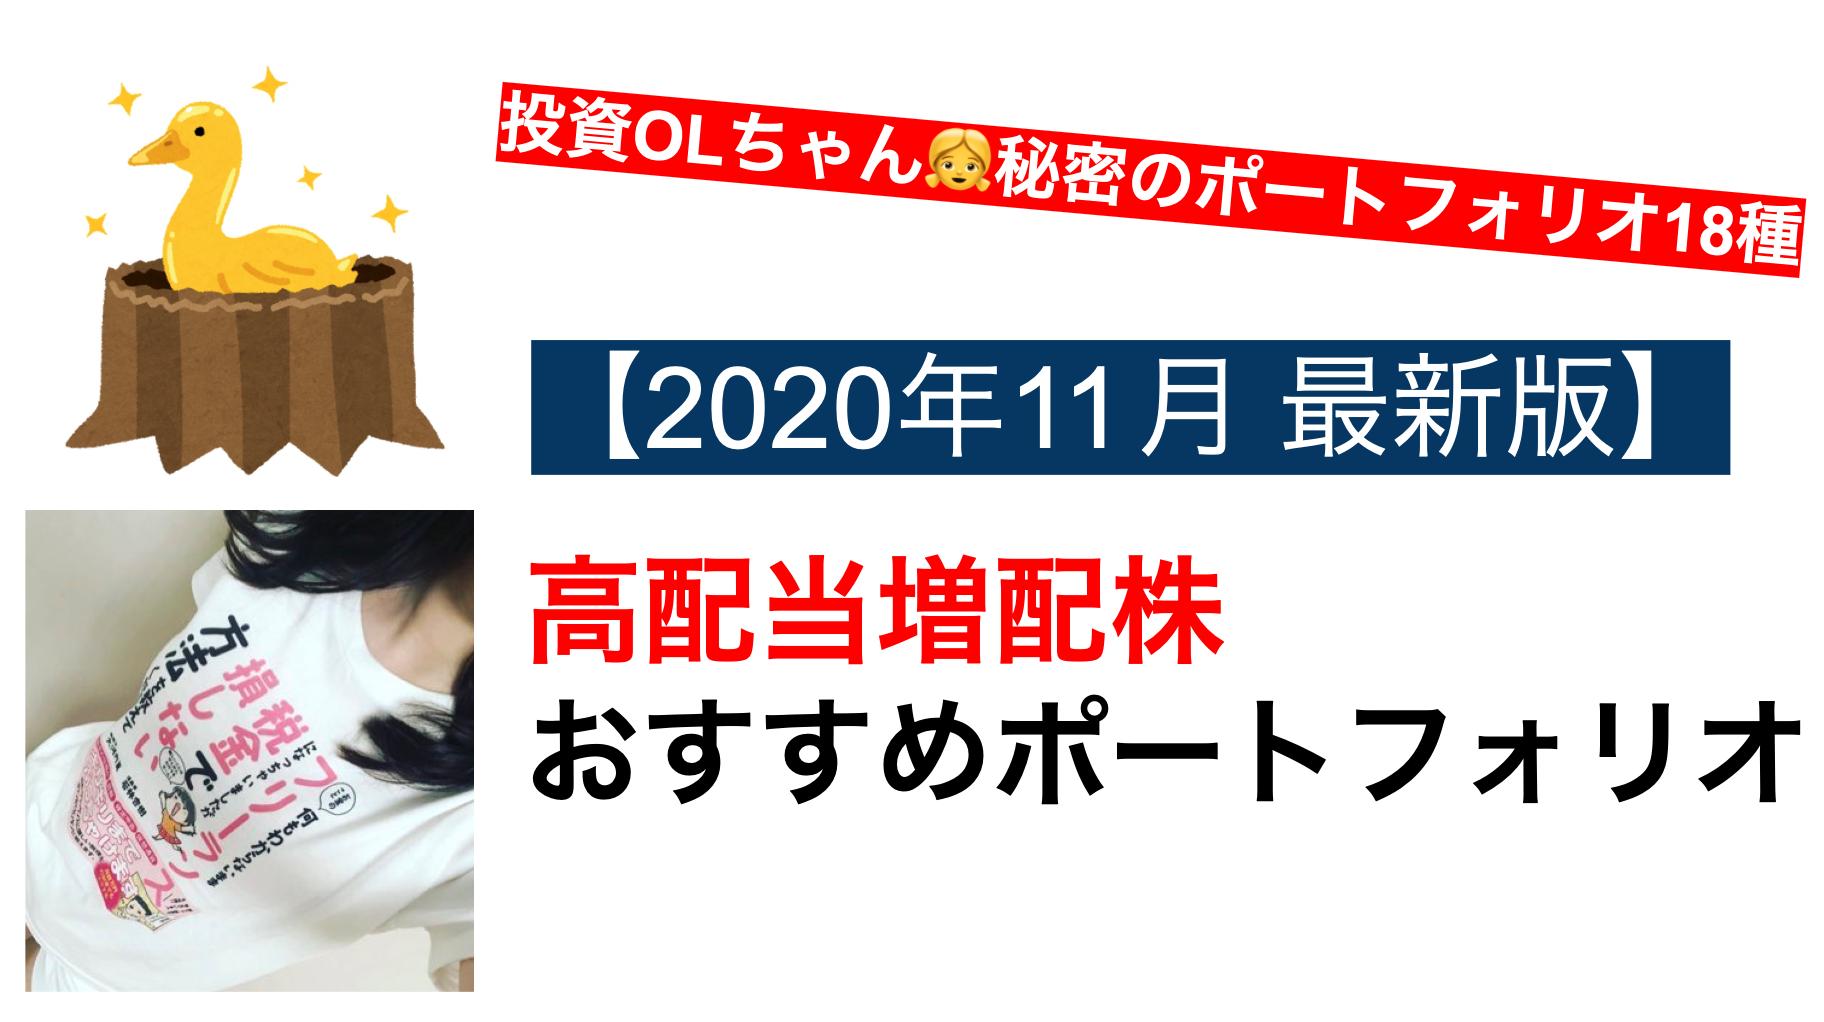 高配当増配株 ポートフォリオ おすすめ